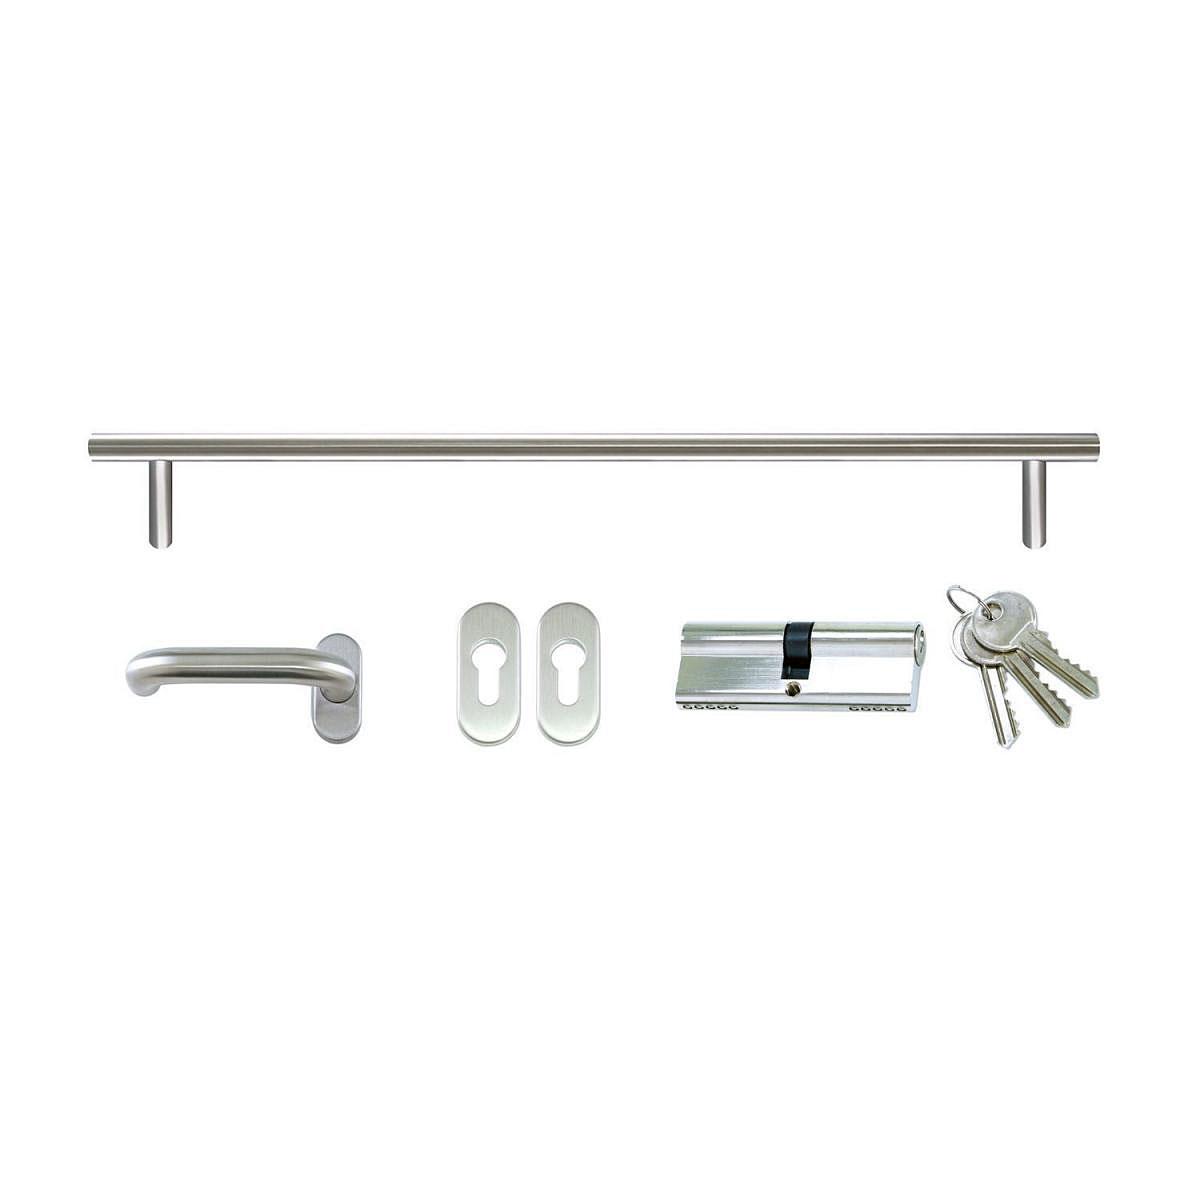 Griffgarnitur-Set für Haustüren ES23 mit Griff 160 cm